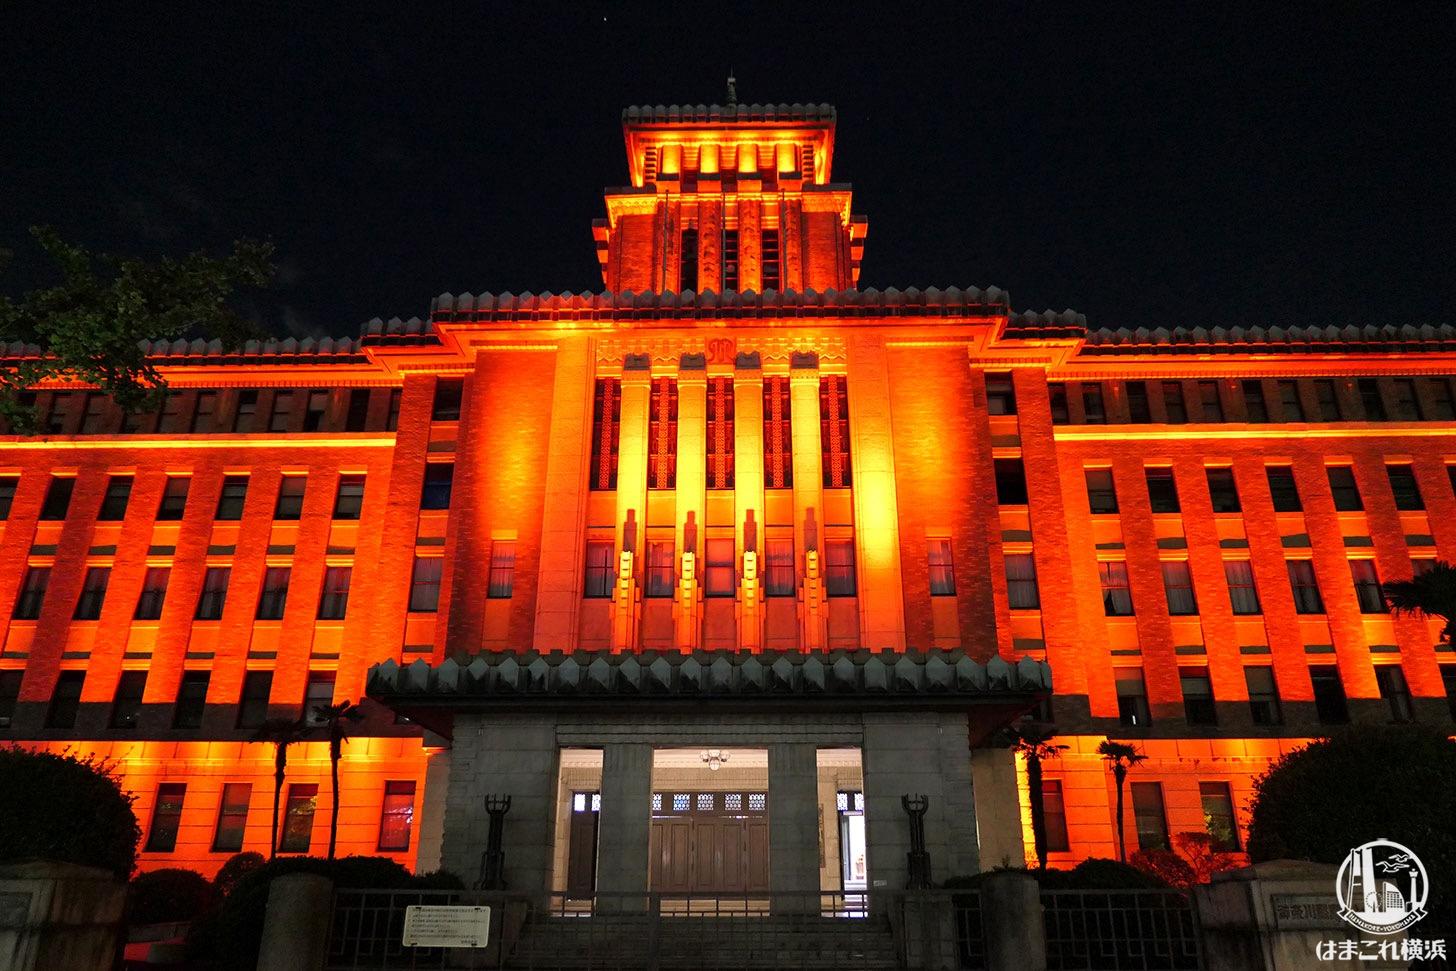 神奈川県庁がライトアップしてカラフル!期間限定で特別演出